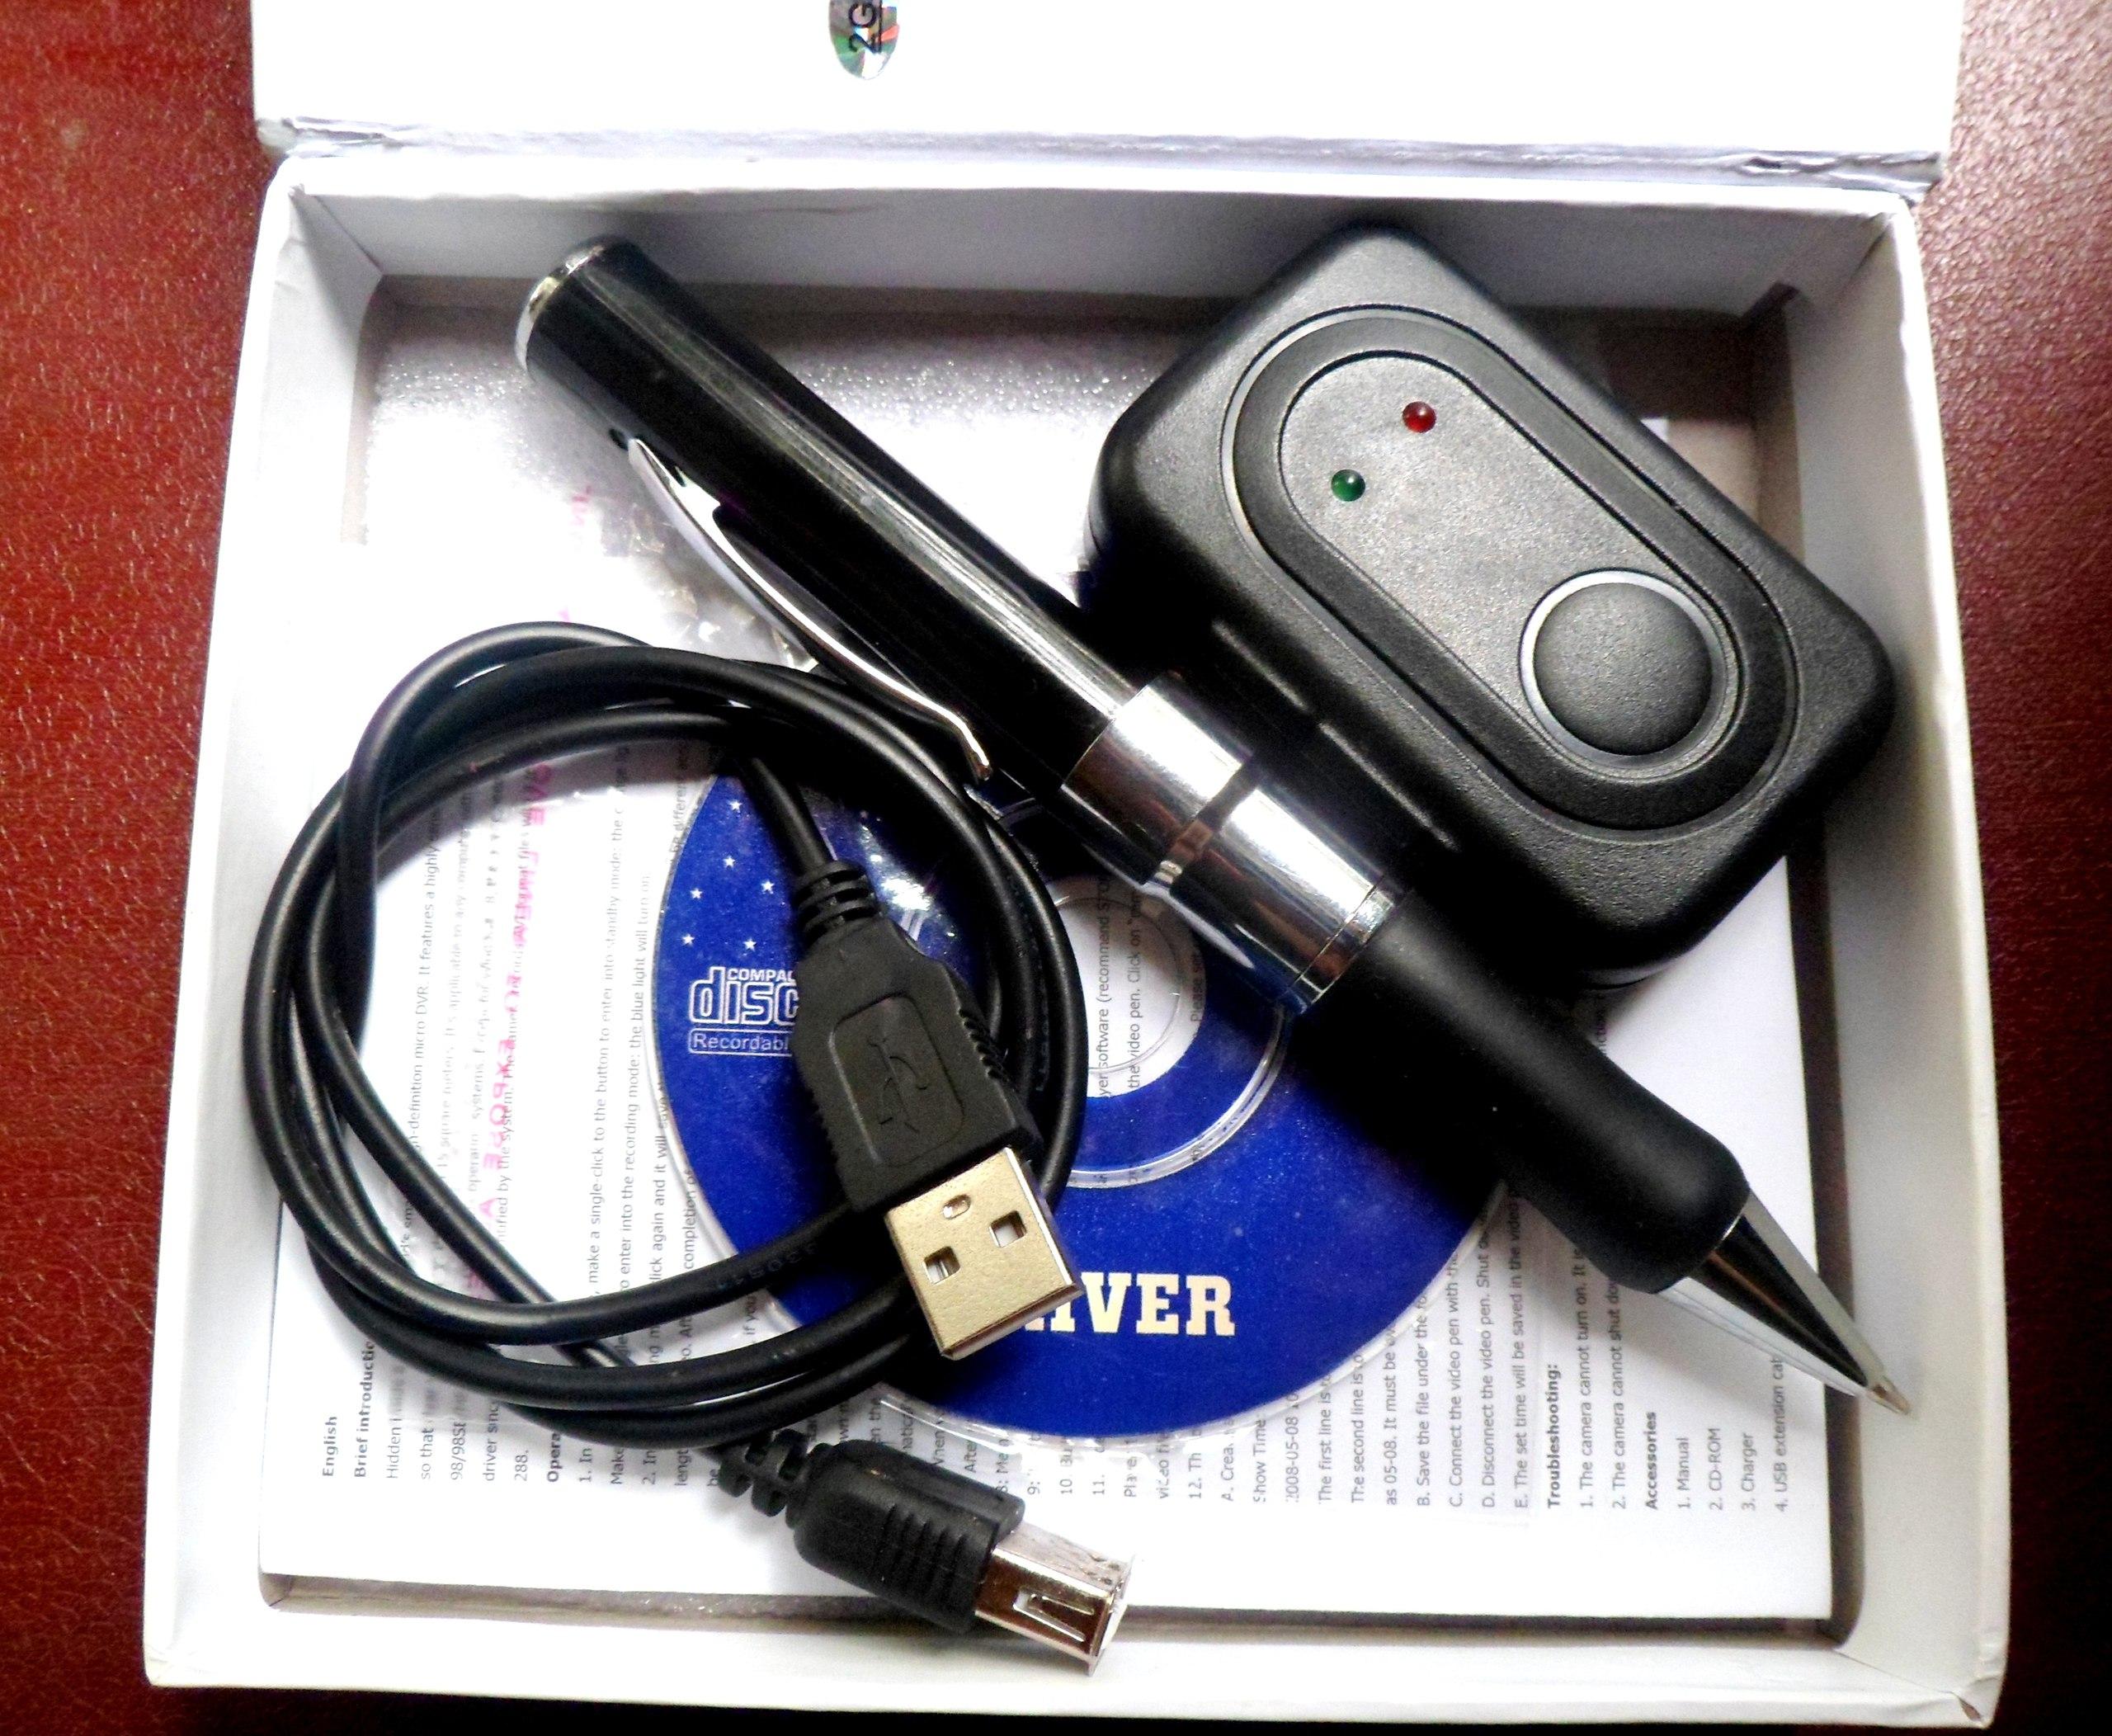 У россиянина на границе изъяли ручку со скрытой камерой - Цензор.НЕТ 5487